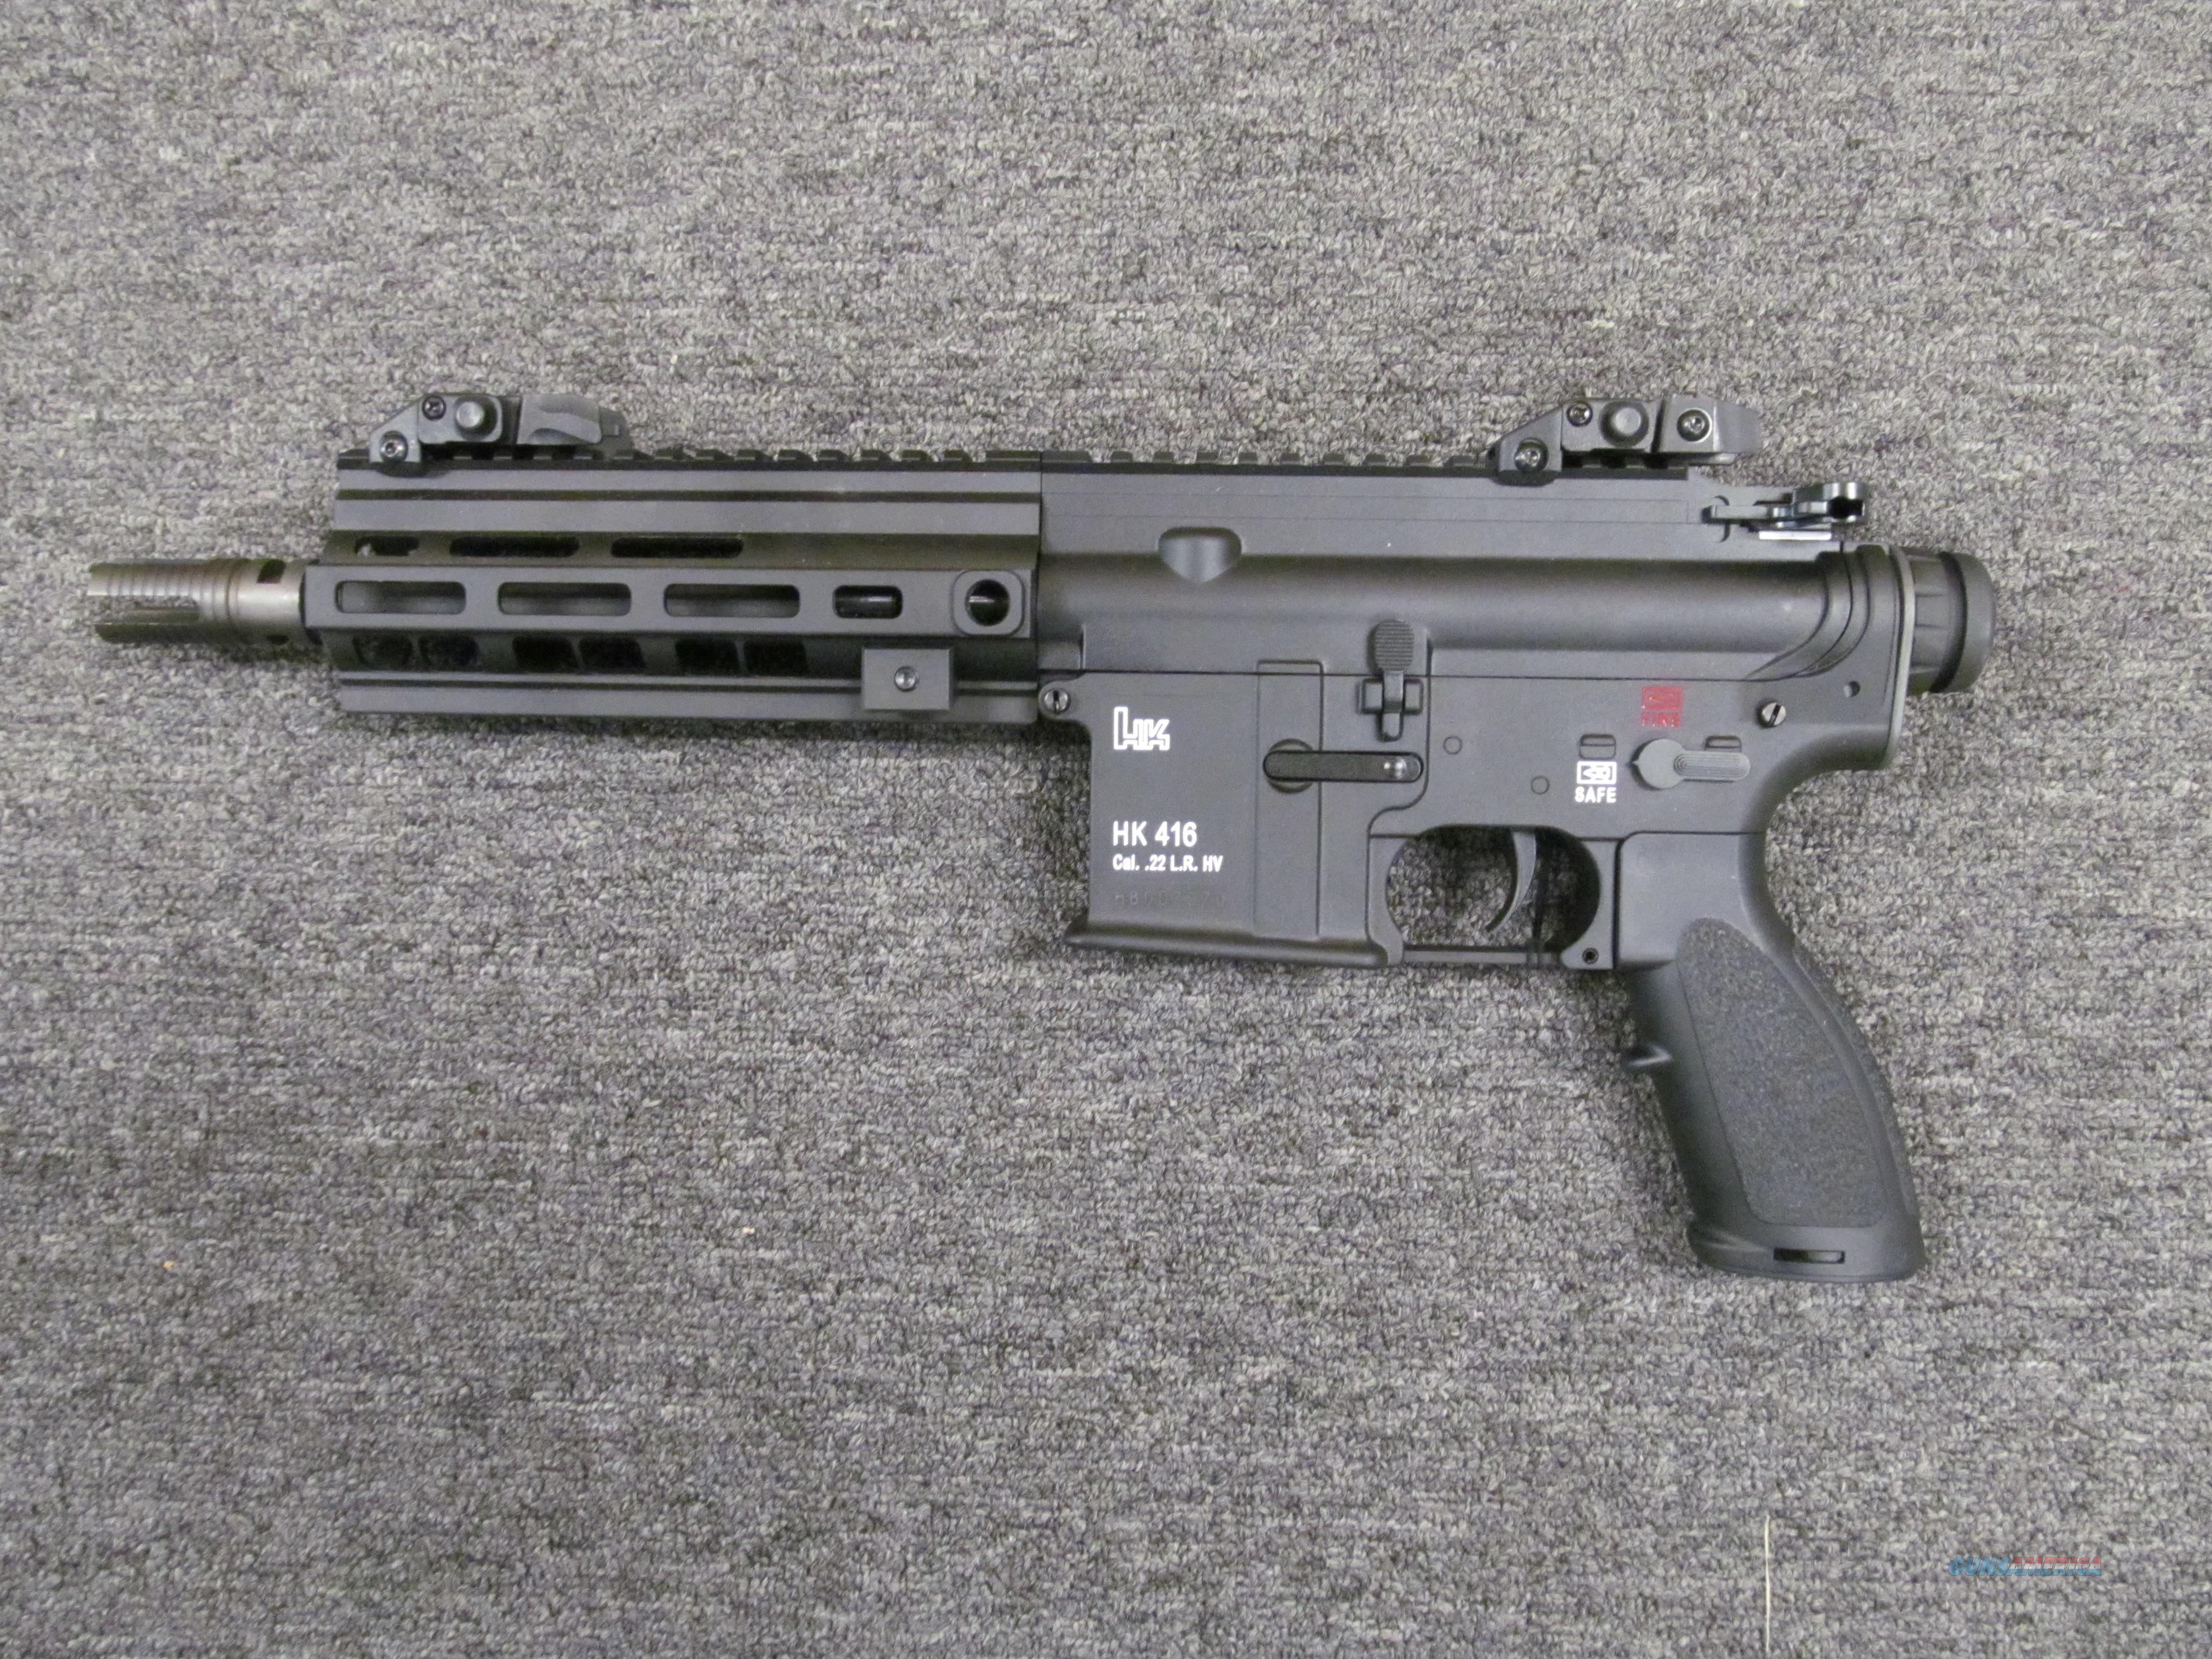 Heckler & Koch HK416 (5770601)  Guns > Pistols > Heckler & Koch Pistols > Polymer Frame